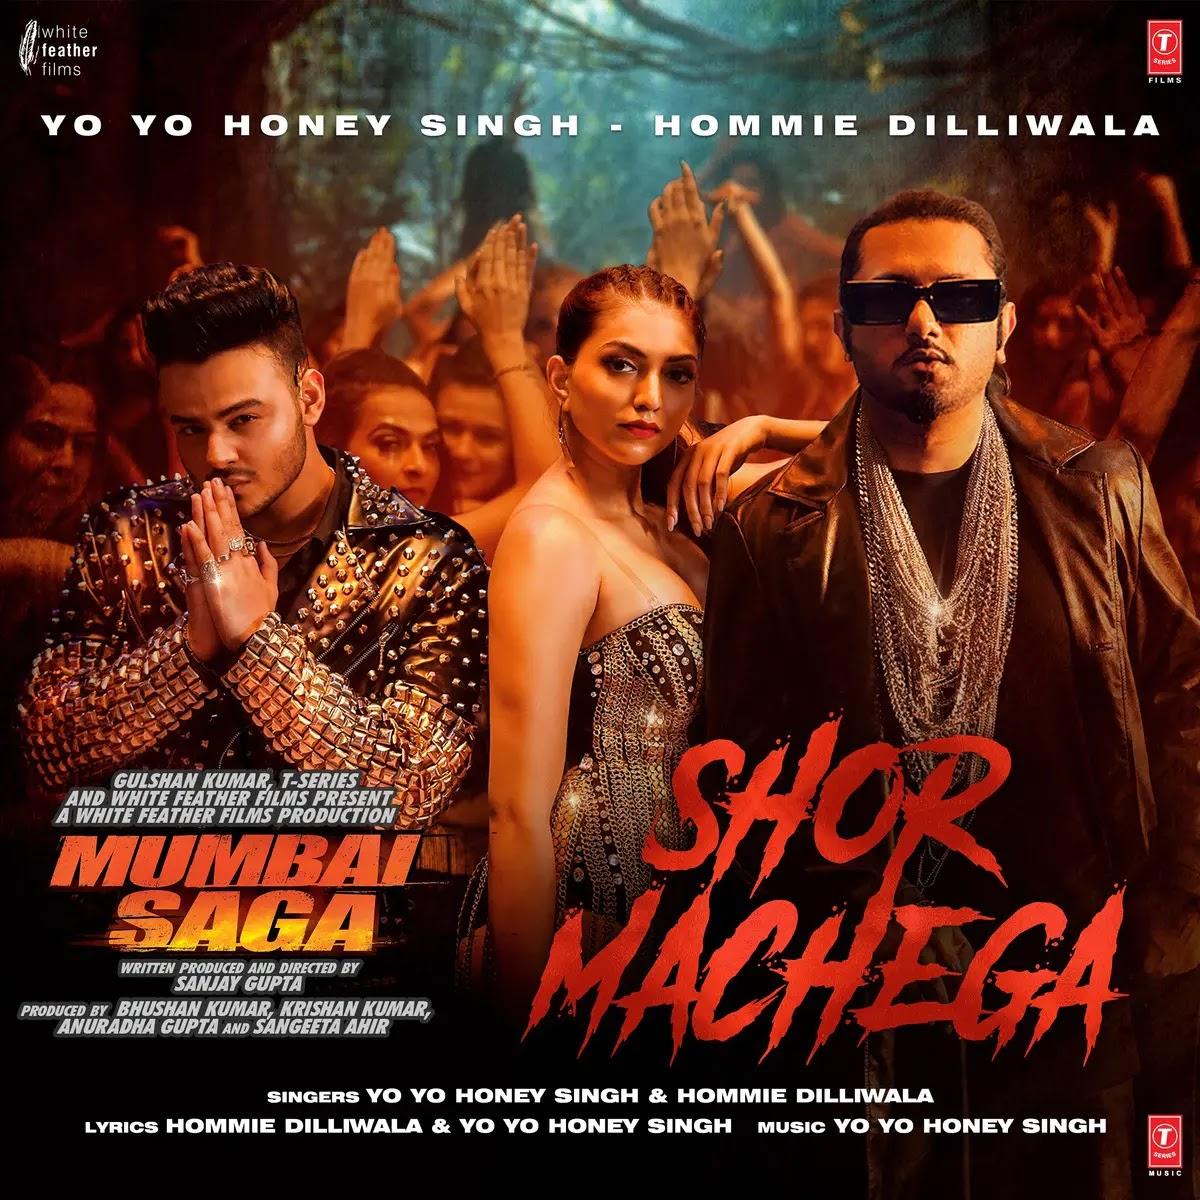 Shor Machega Lyrics from Mumbai Saga